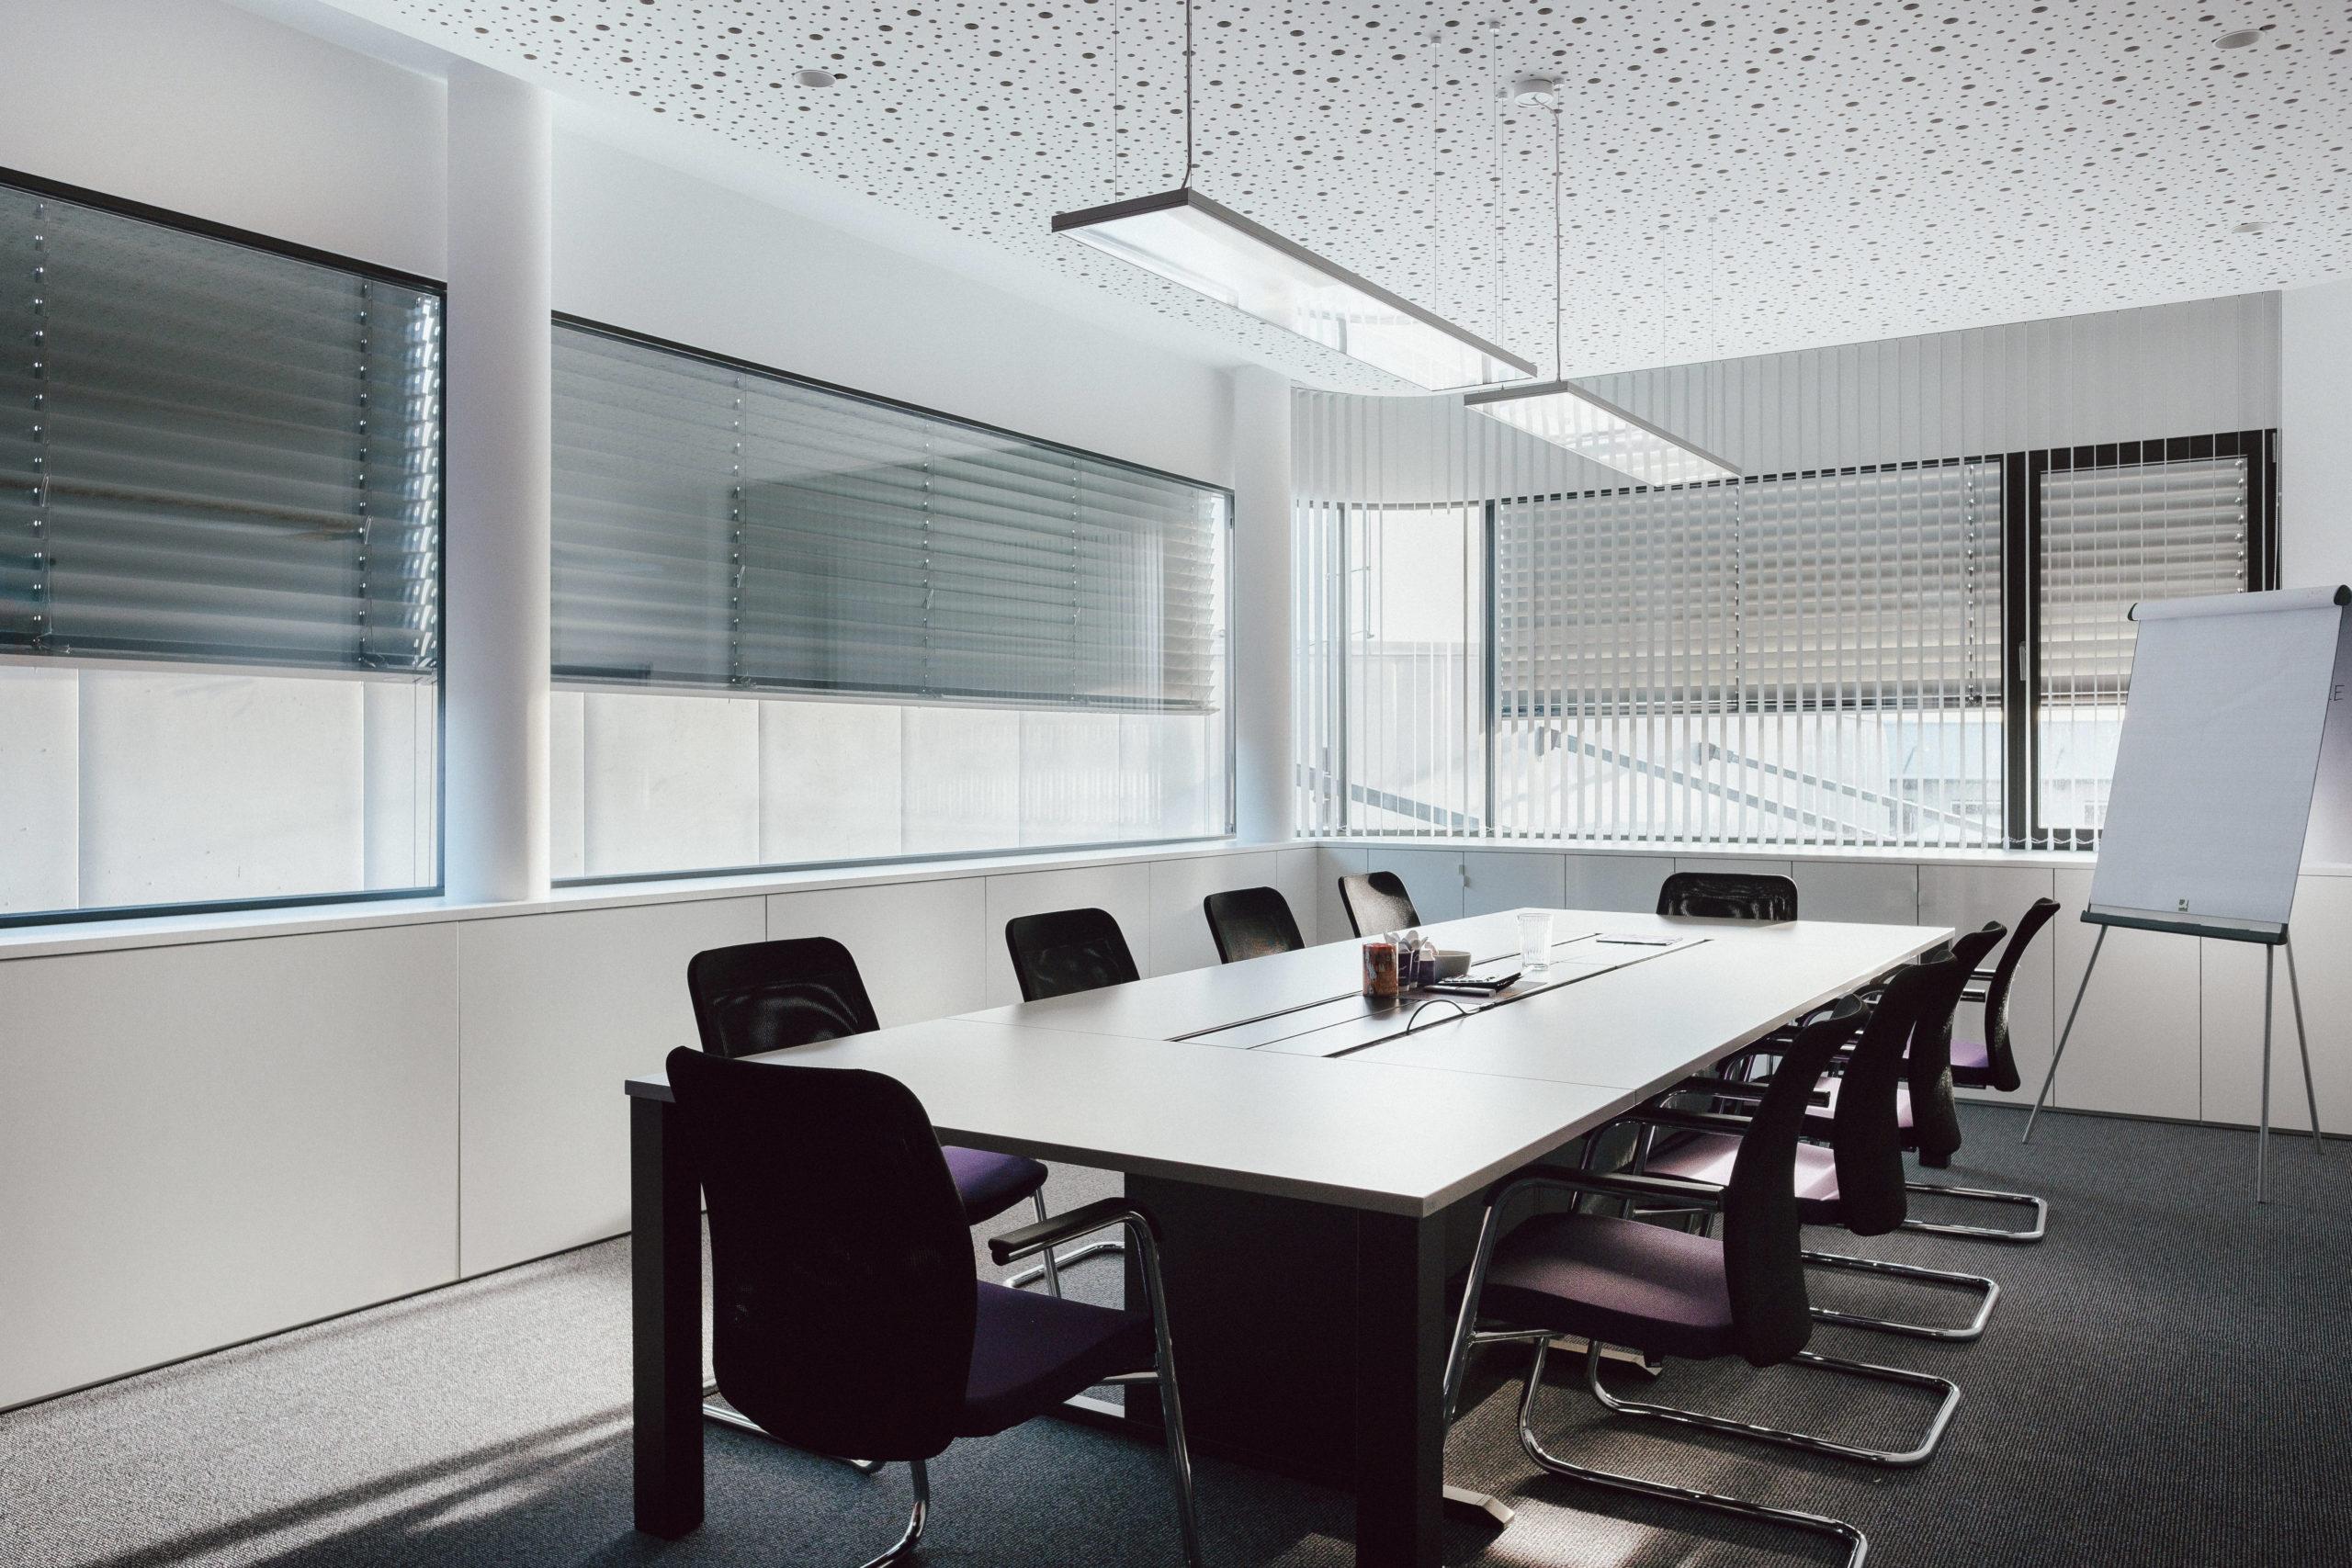 Salle de réunion de bureau moderne